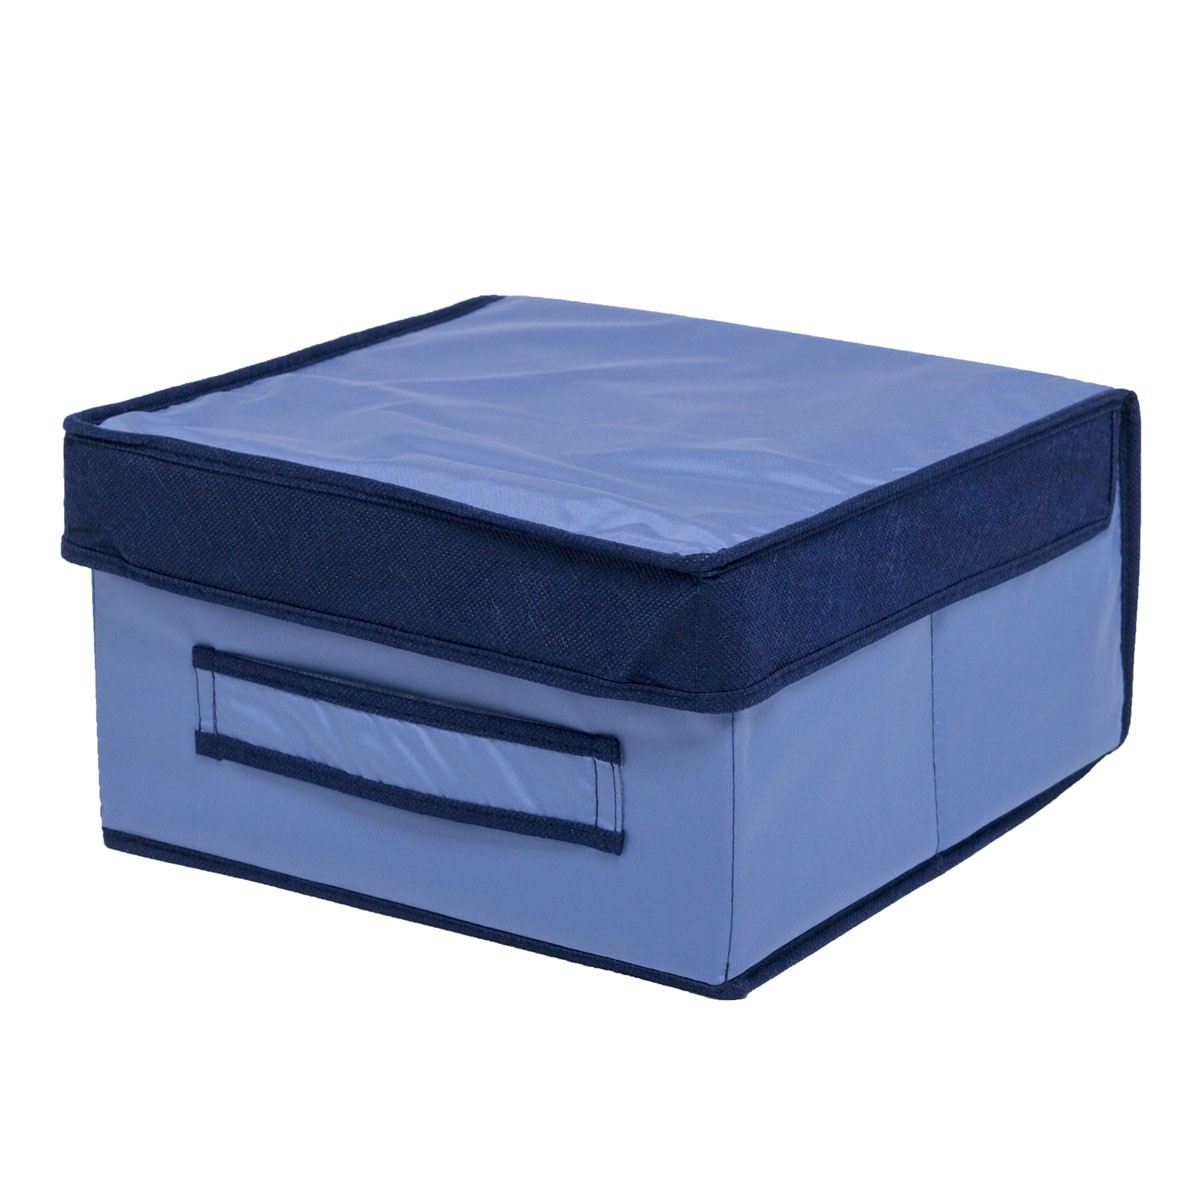 Коробка для хранения Homsu Bluе Sky, 30 х 30 х 16 см74-0060Вместительная коробка для хранения Homsu Bluе Sky выполнена из плотного картона. Изделие обладает удобным размером и привлекательным дизайном, выполненным в приятной цветовой гамме. Внутри коробки можно хранить фотографии, ткани, принадлежности для хобби, памятные сувениры и многое другое. Крышка изделия удобно открывается и закрывается.Коробка для хранения Homsu Bluе Sky станет незаменимой помощницей в путешествиях.